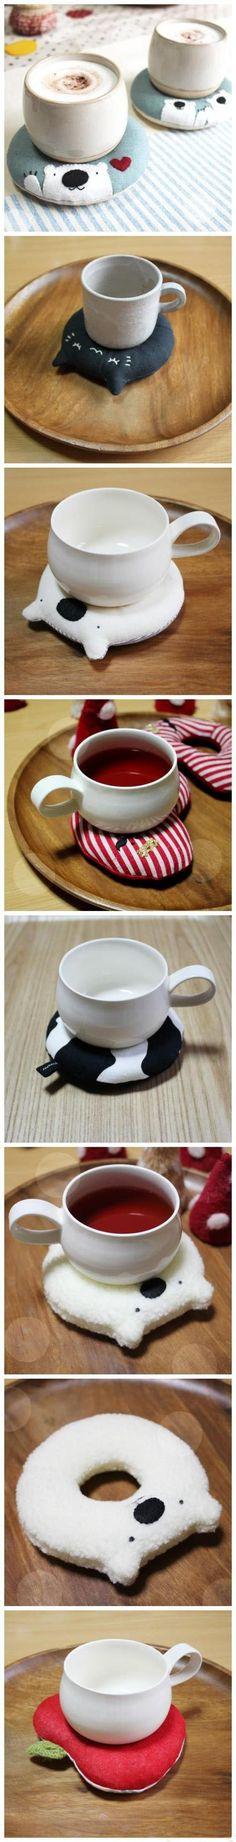 日本hokkori甜甜圈可爱杯垫,布艺和材质都是限量供应的。其实爱好手作的森女完全可以DIY起来